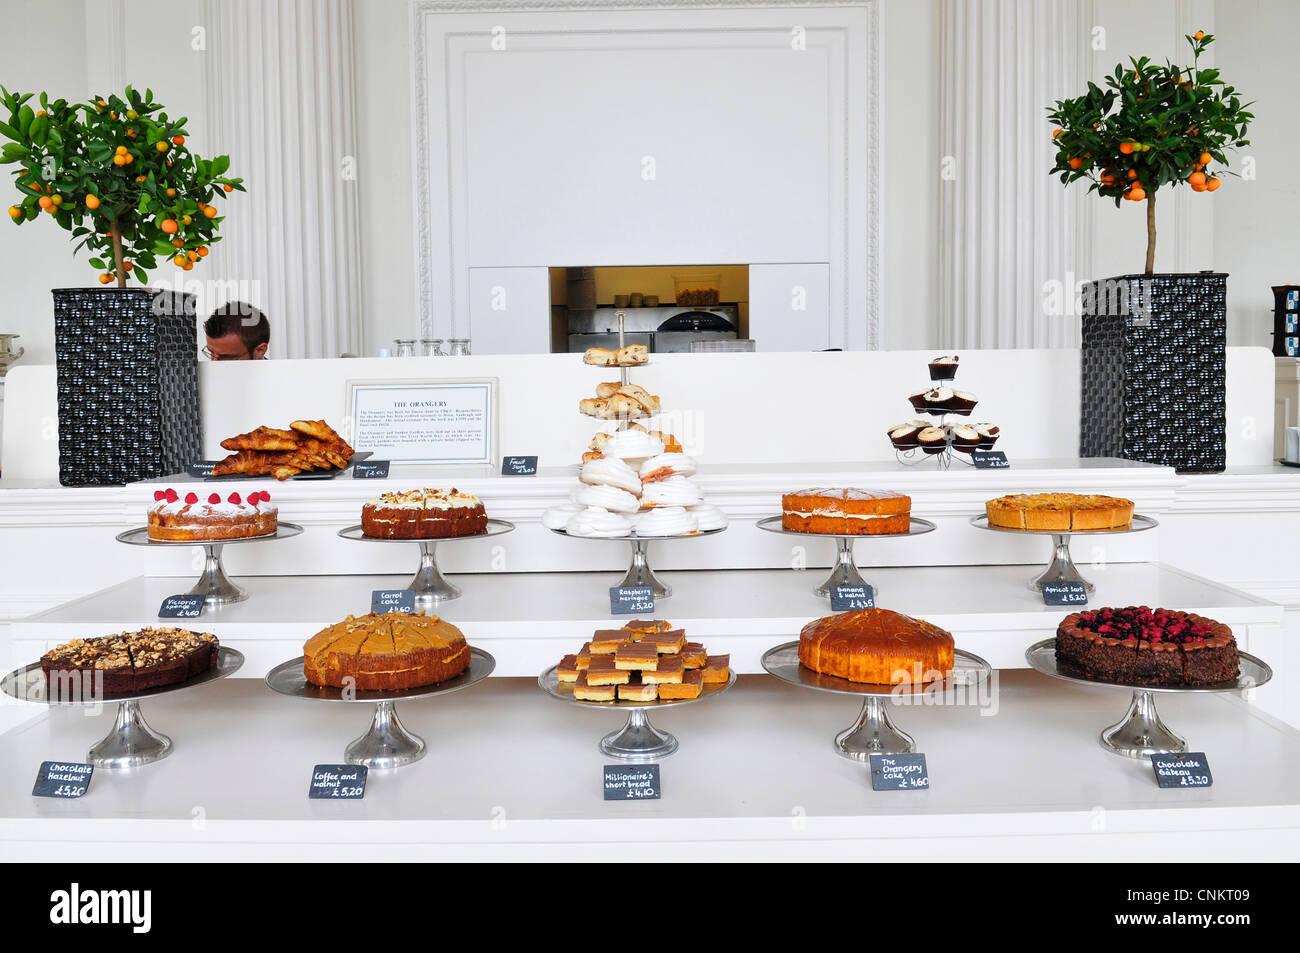 Un display di dolci presso l'Orangery, Kensington Palace, London, England, Regno Unito Immagini Stock